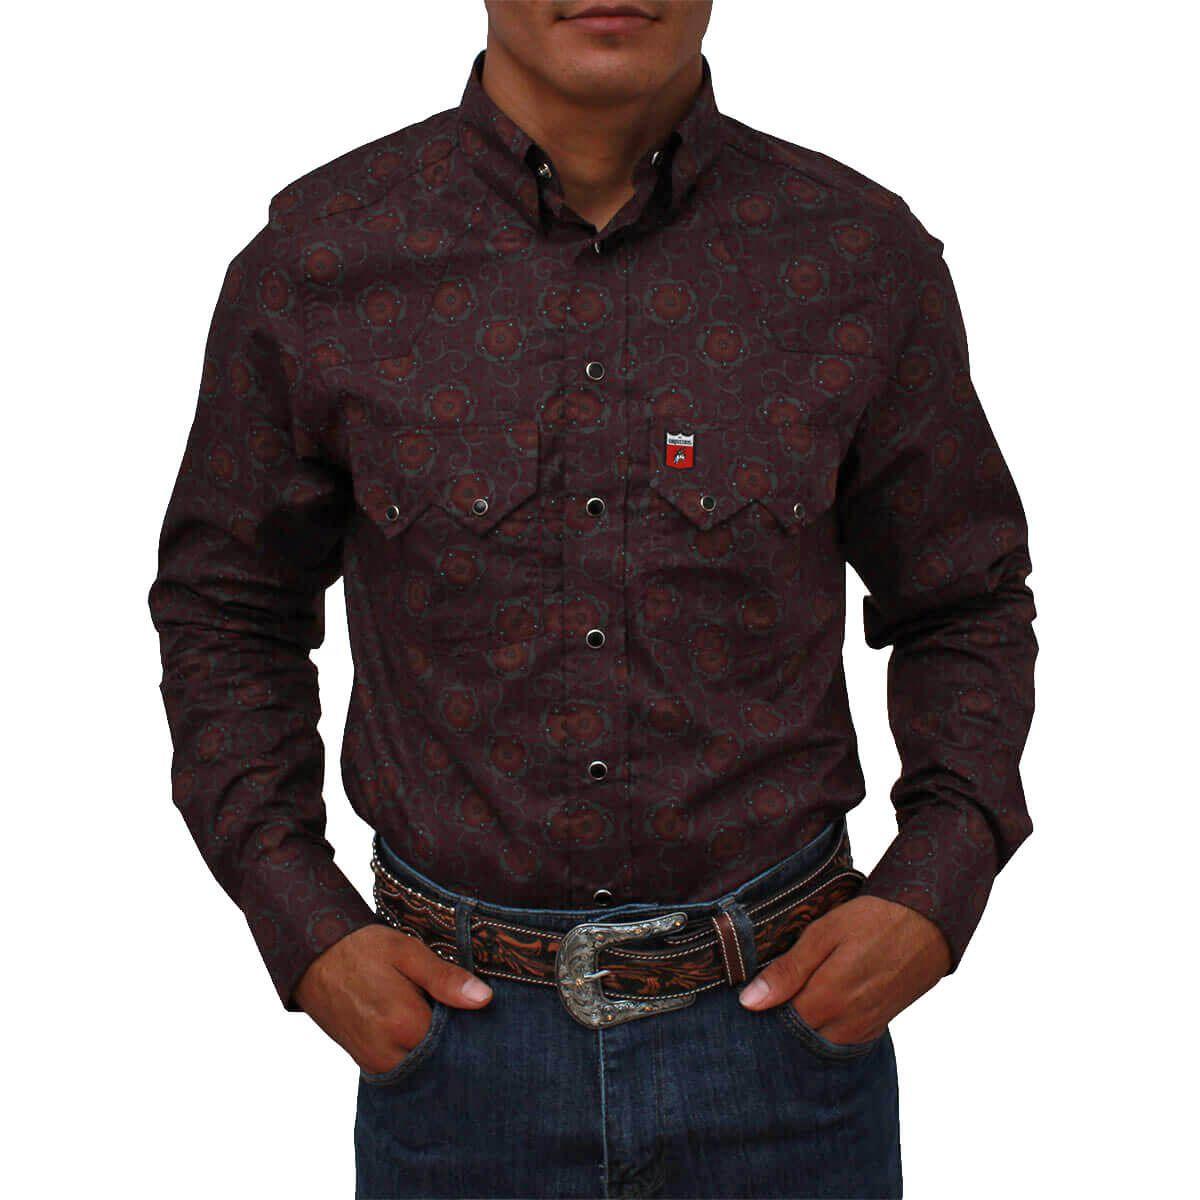 188f0690de Camisa Os Vaqueiros Masculina Floral Bordô Manga Longa - Arena Country  Echaporã